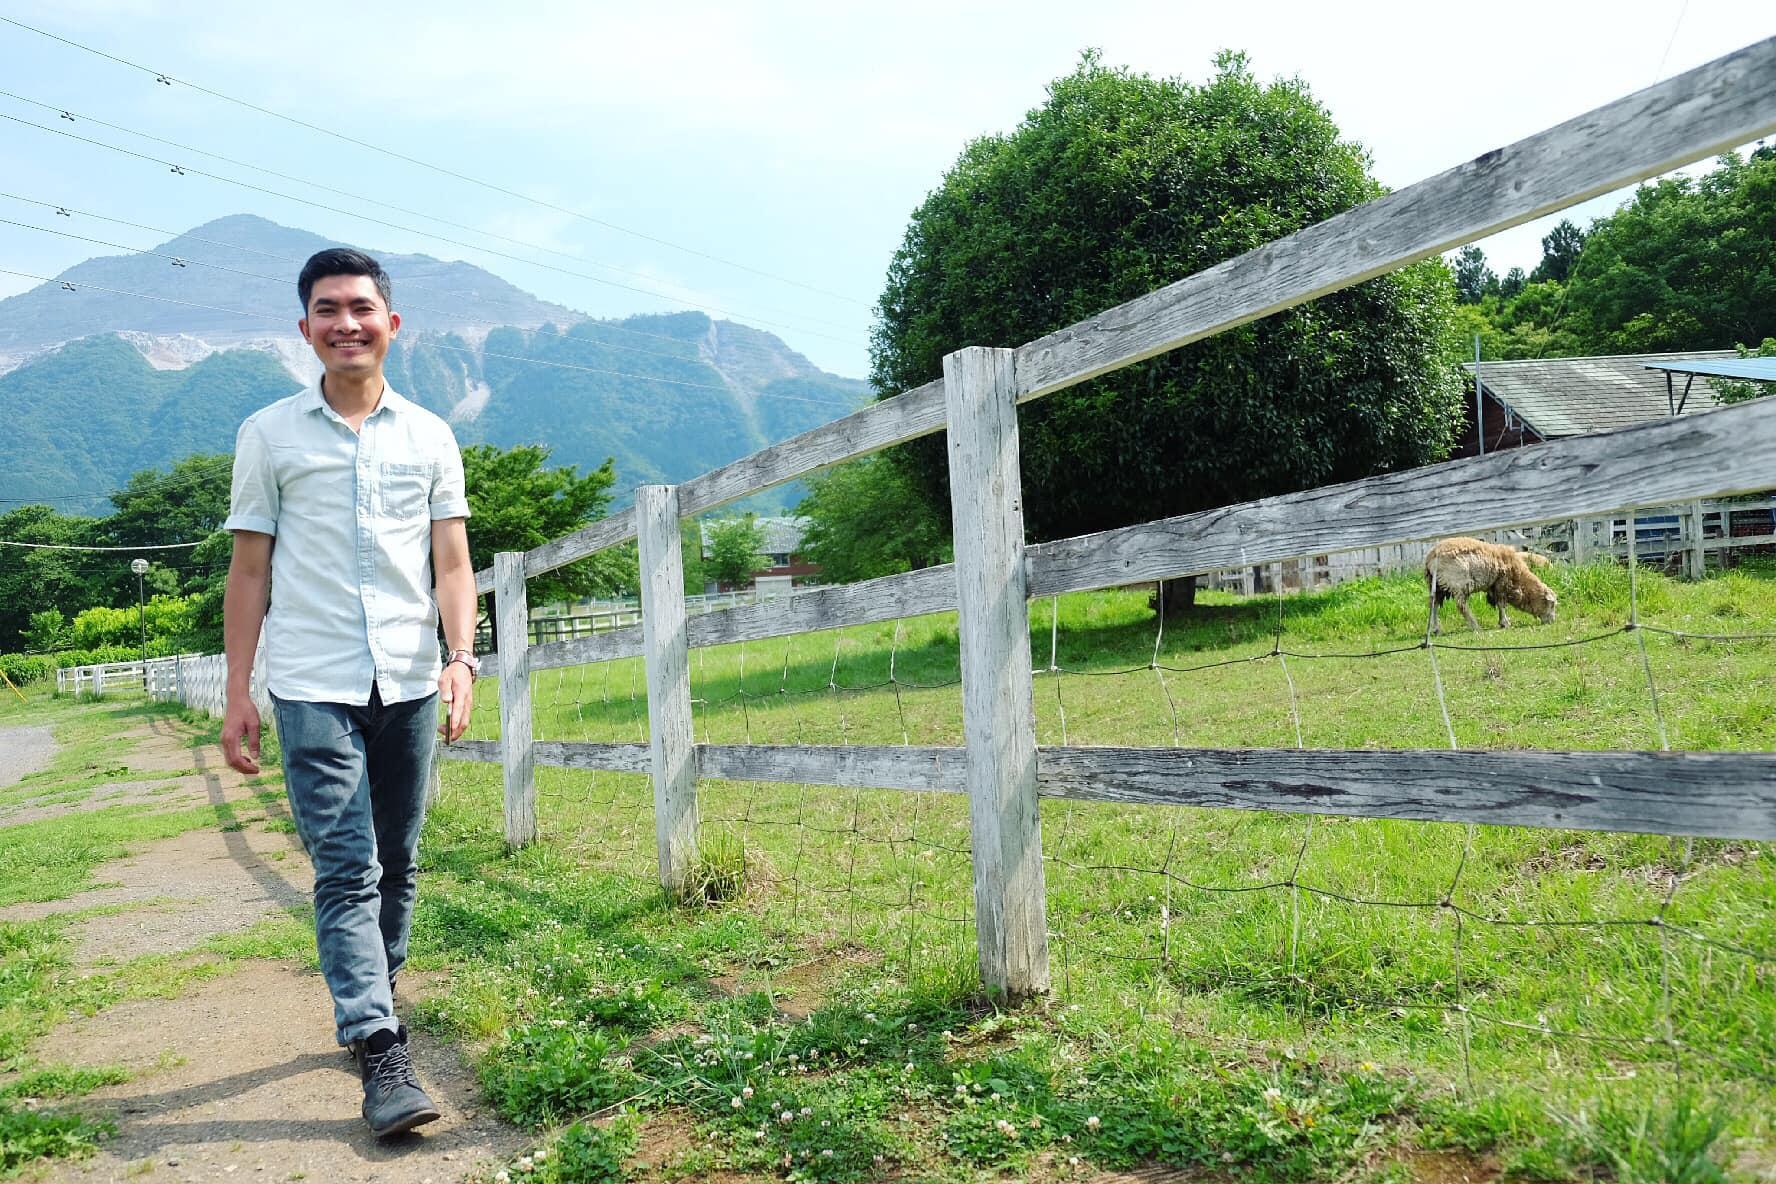 """Chàng trai Việt xin nghỉ việc, dành một tháng """"phượt"""" 10 tỉnh của Nhật Bản - Ảnh 12."""